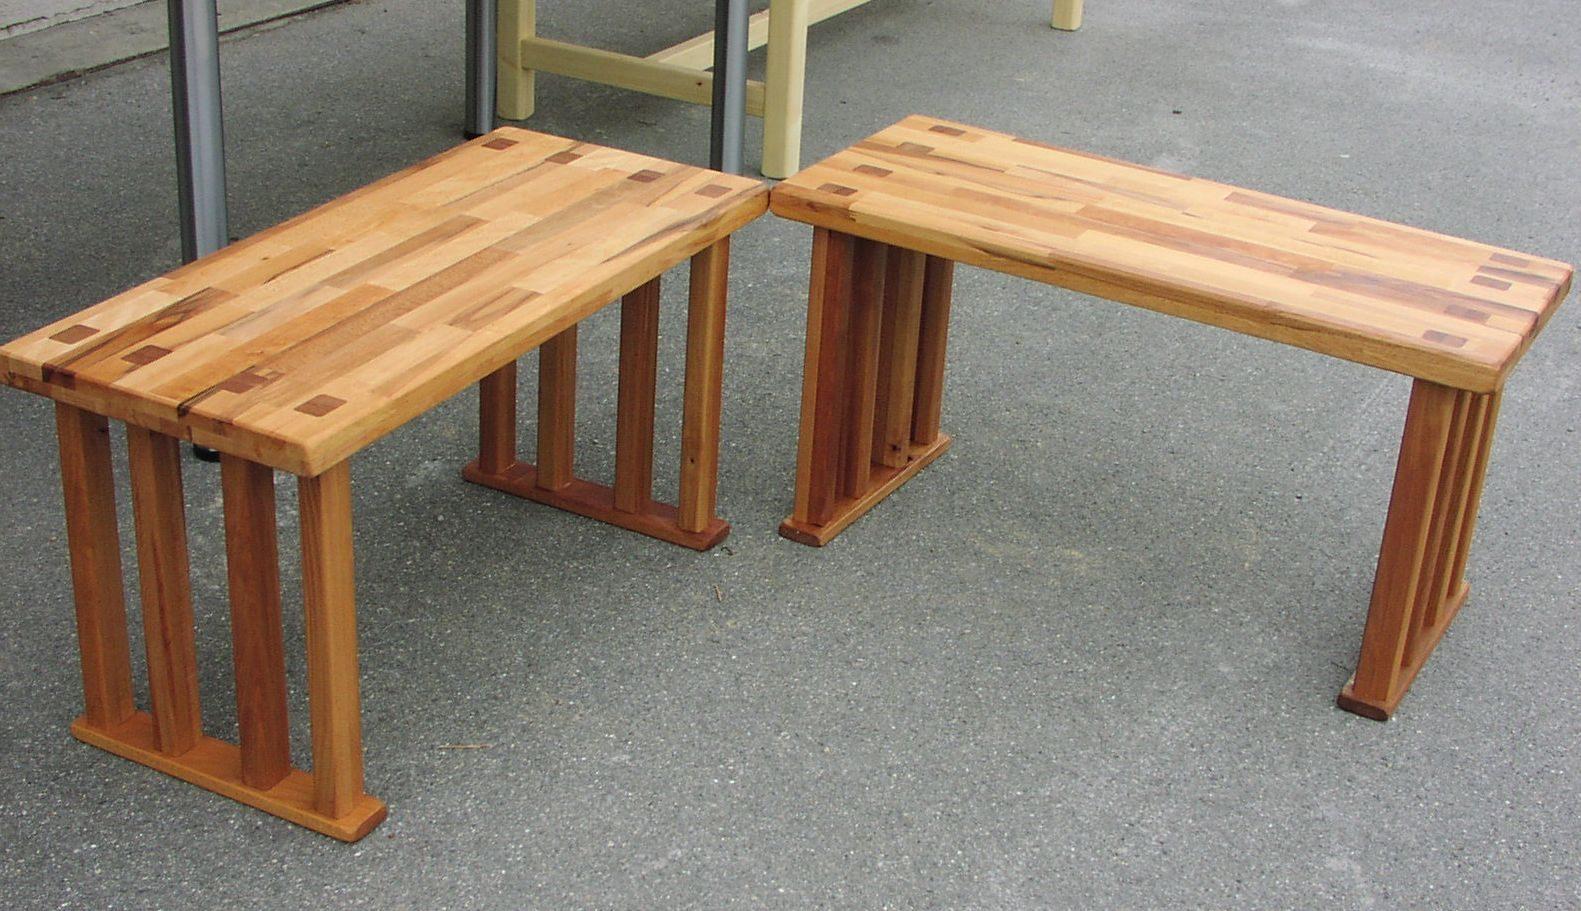 Tische und Bänke | Holzwerkstatt Salzer